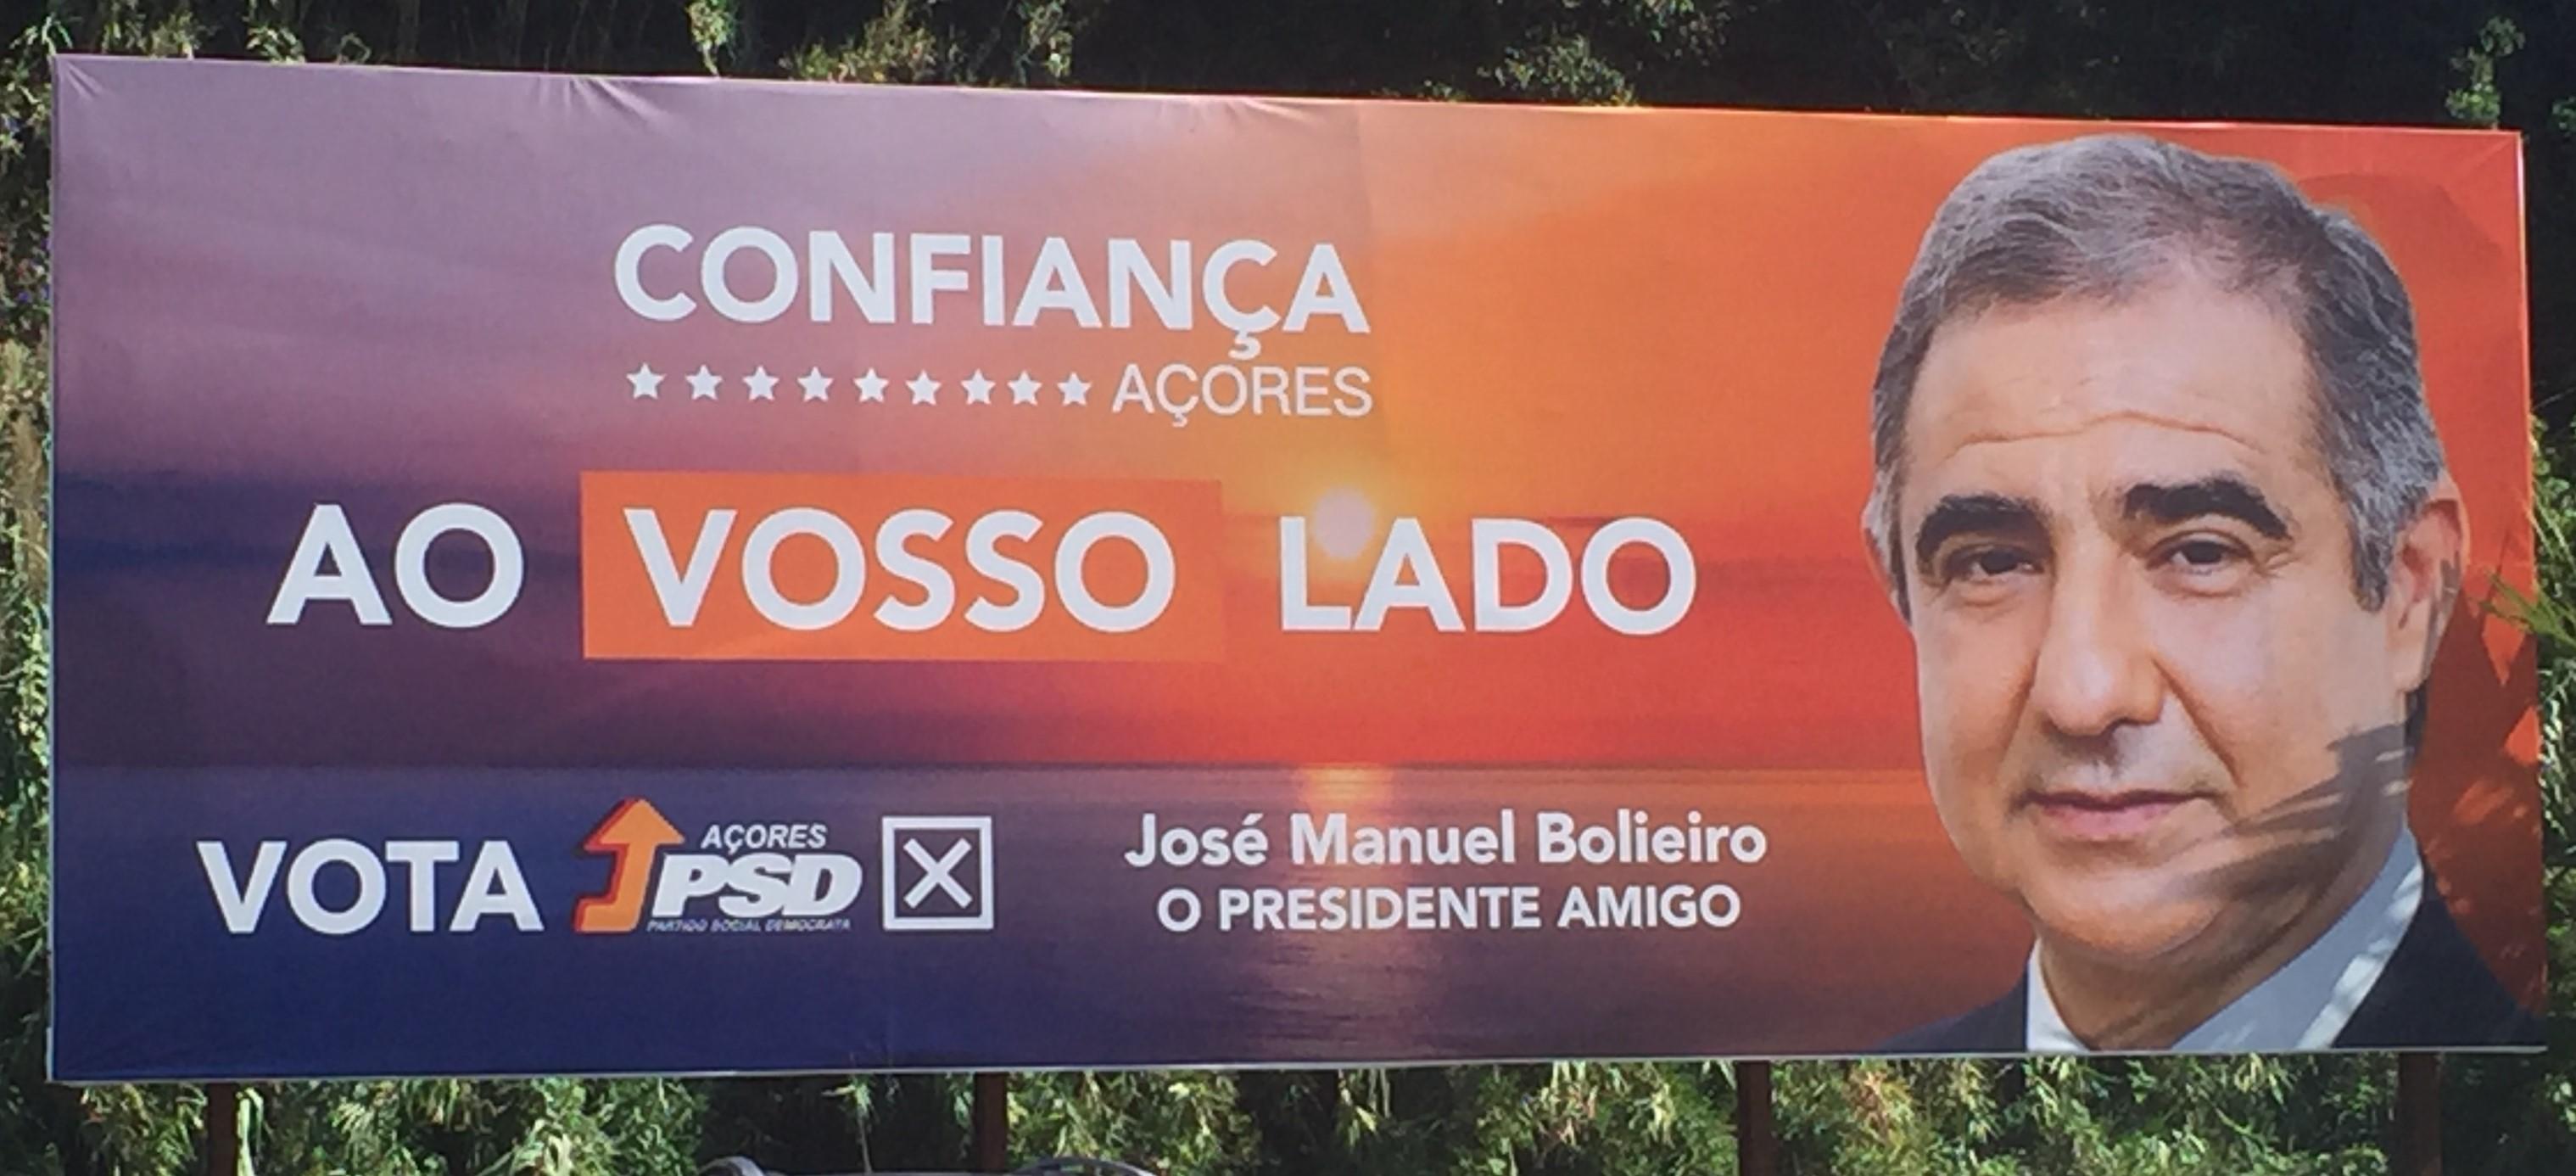 PSD_2020_Acores